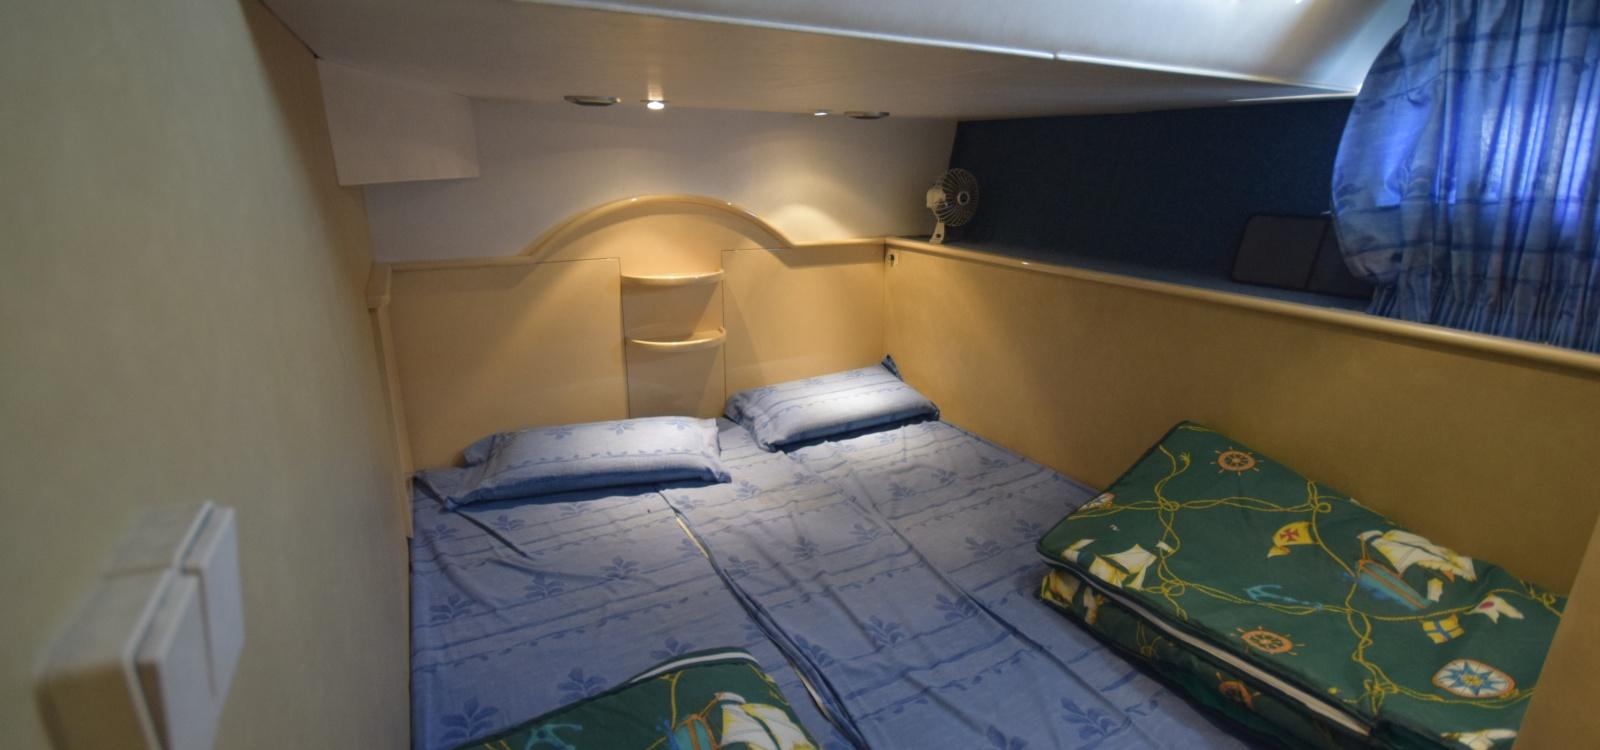 El Masnou,Barcelona,España,2 Habitaciones Habitaciones,1 BañoLavabos,Barco a motor,2083